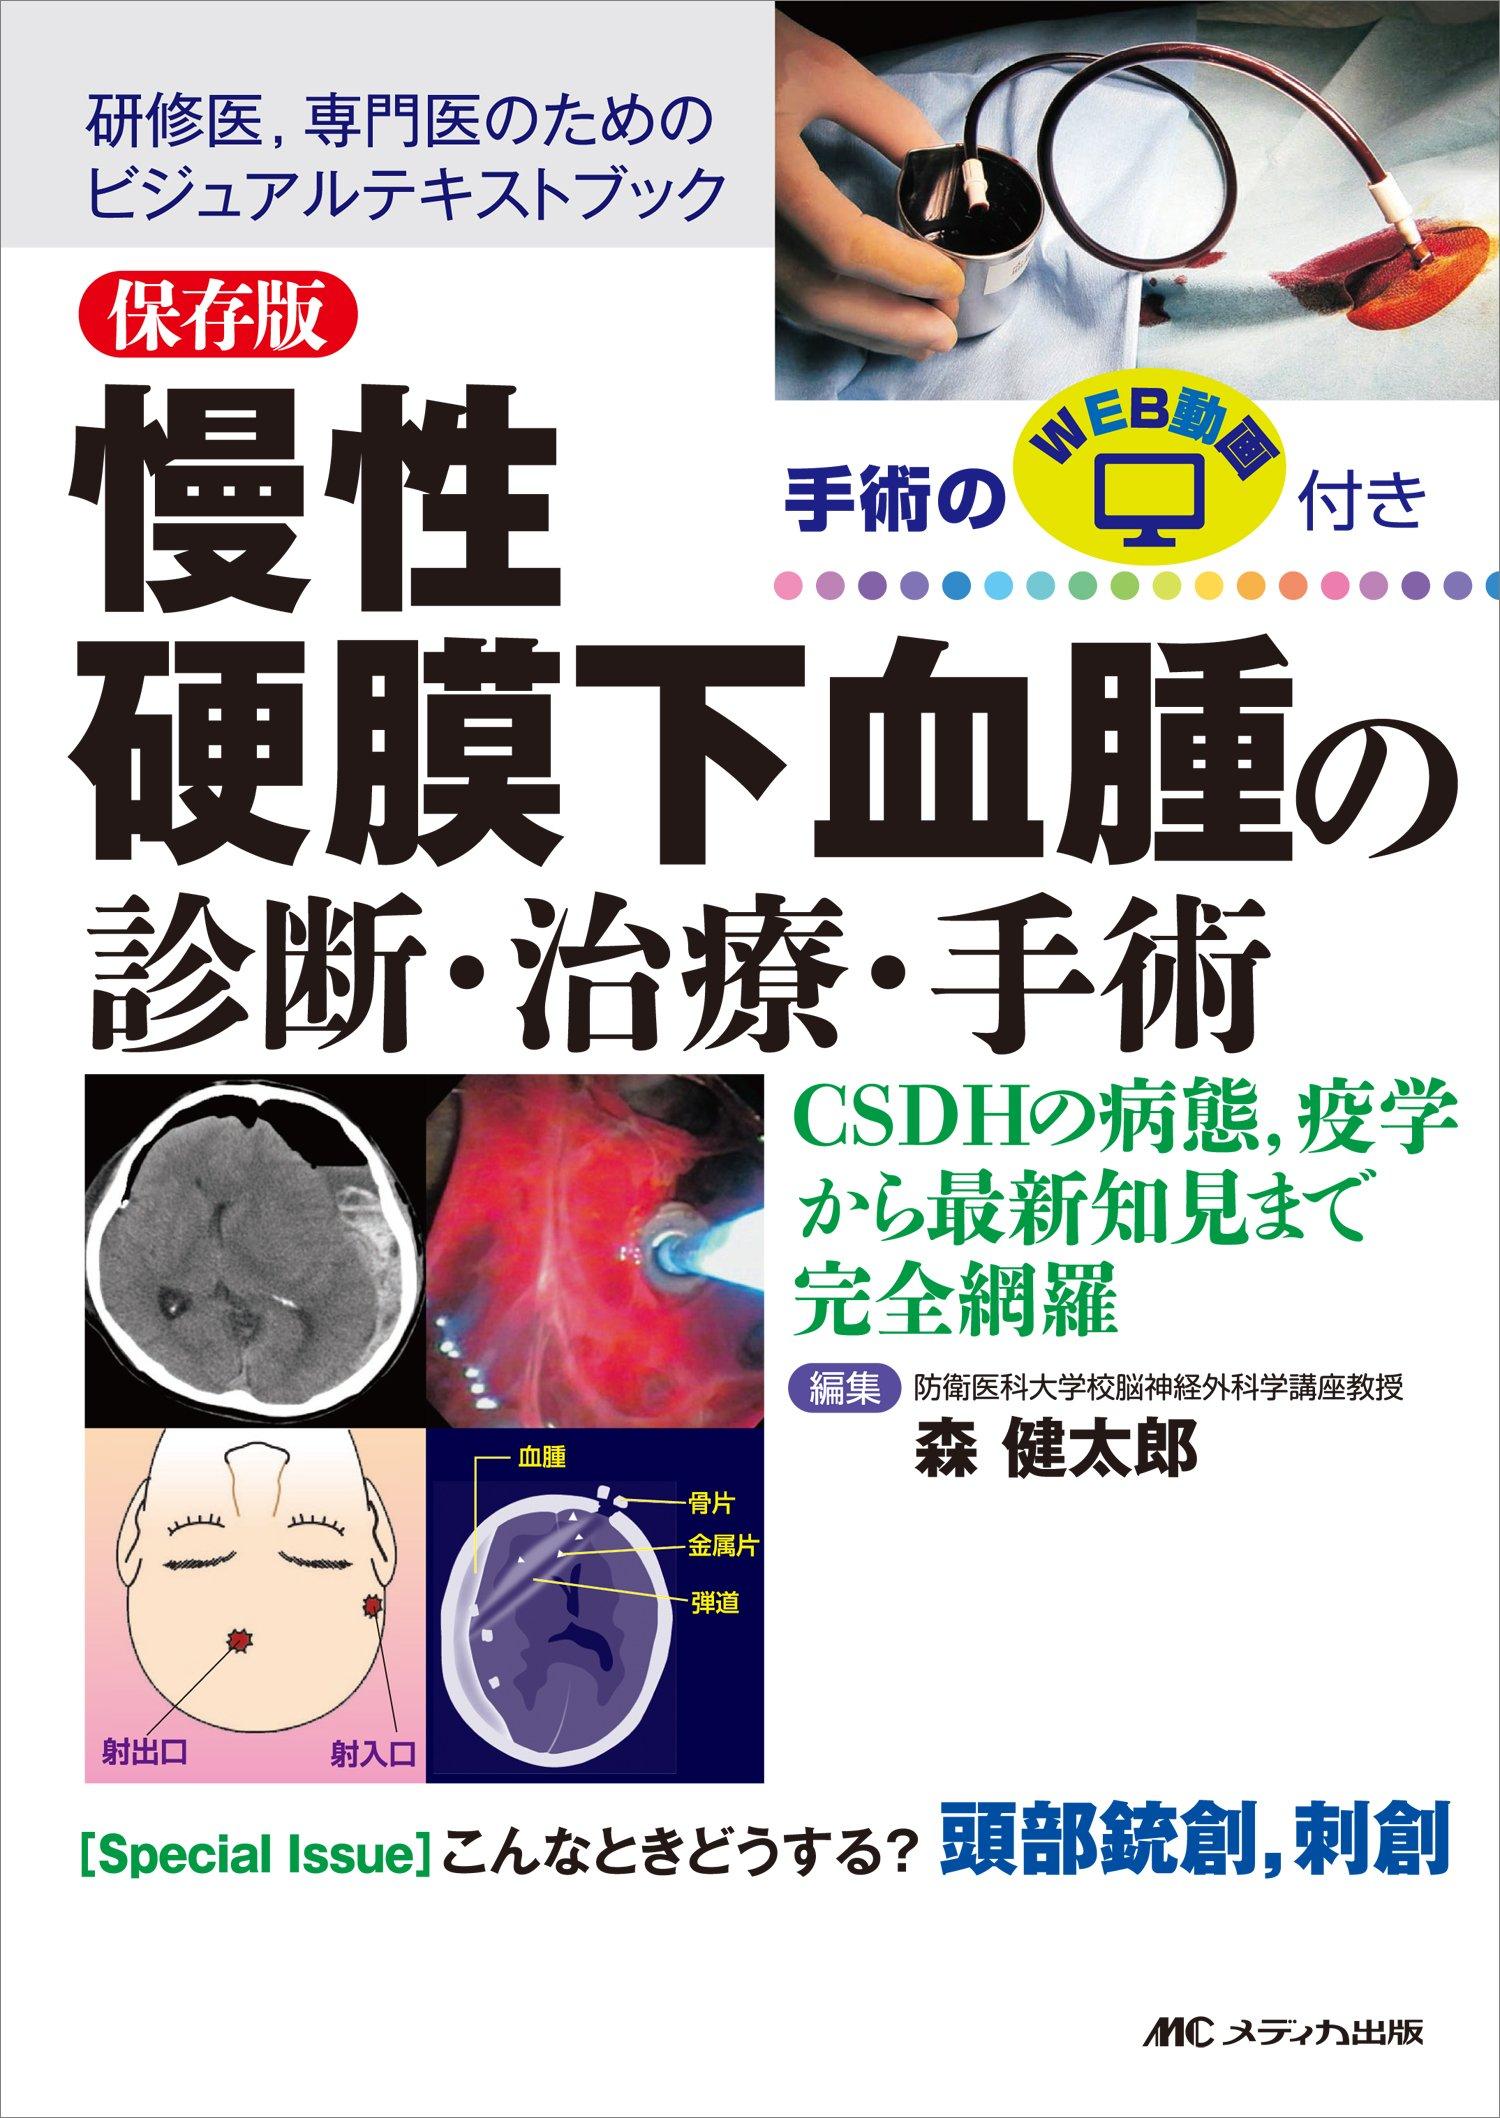 と は 硬 膜 血腫 下 慢性硬膜下血腫|対象疾患|医療関係者へ|近畿大学医学部 脳神経外科